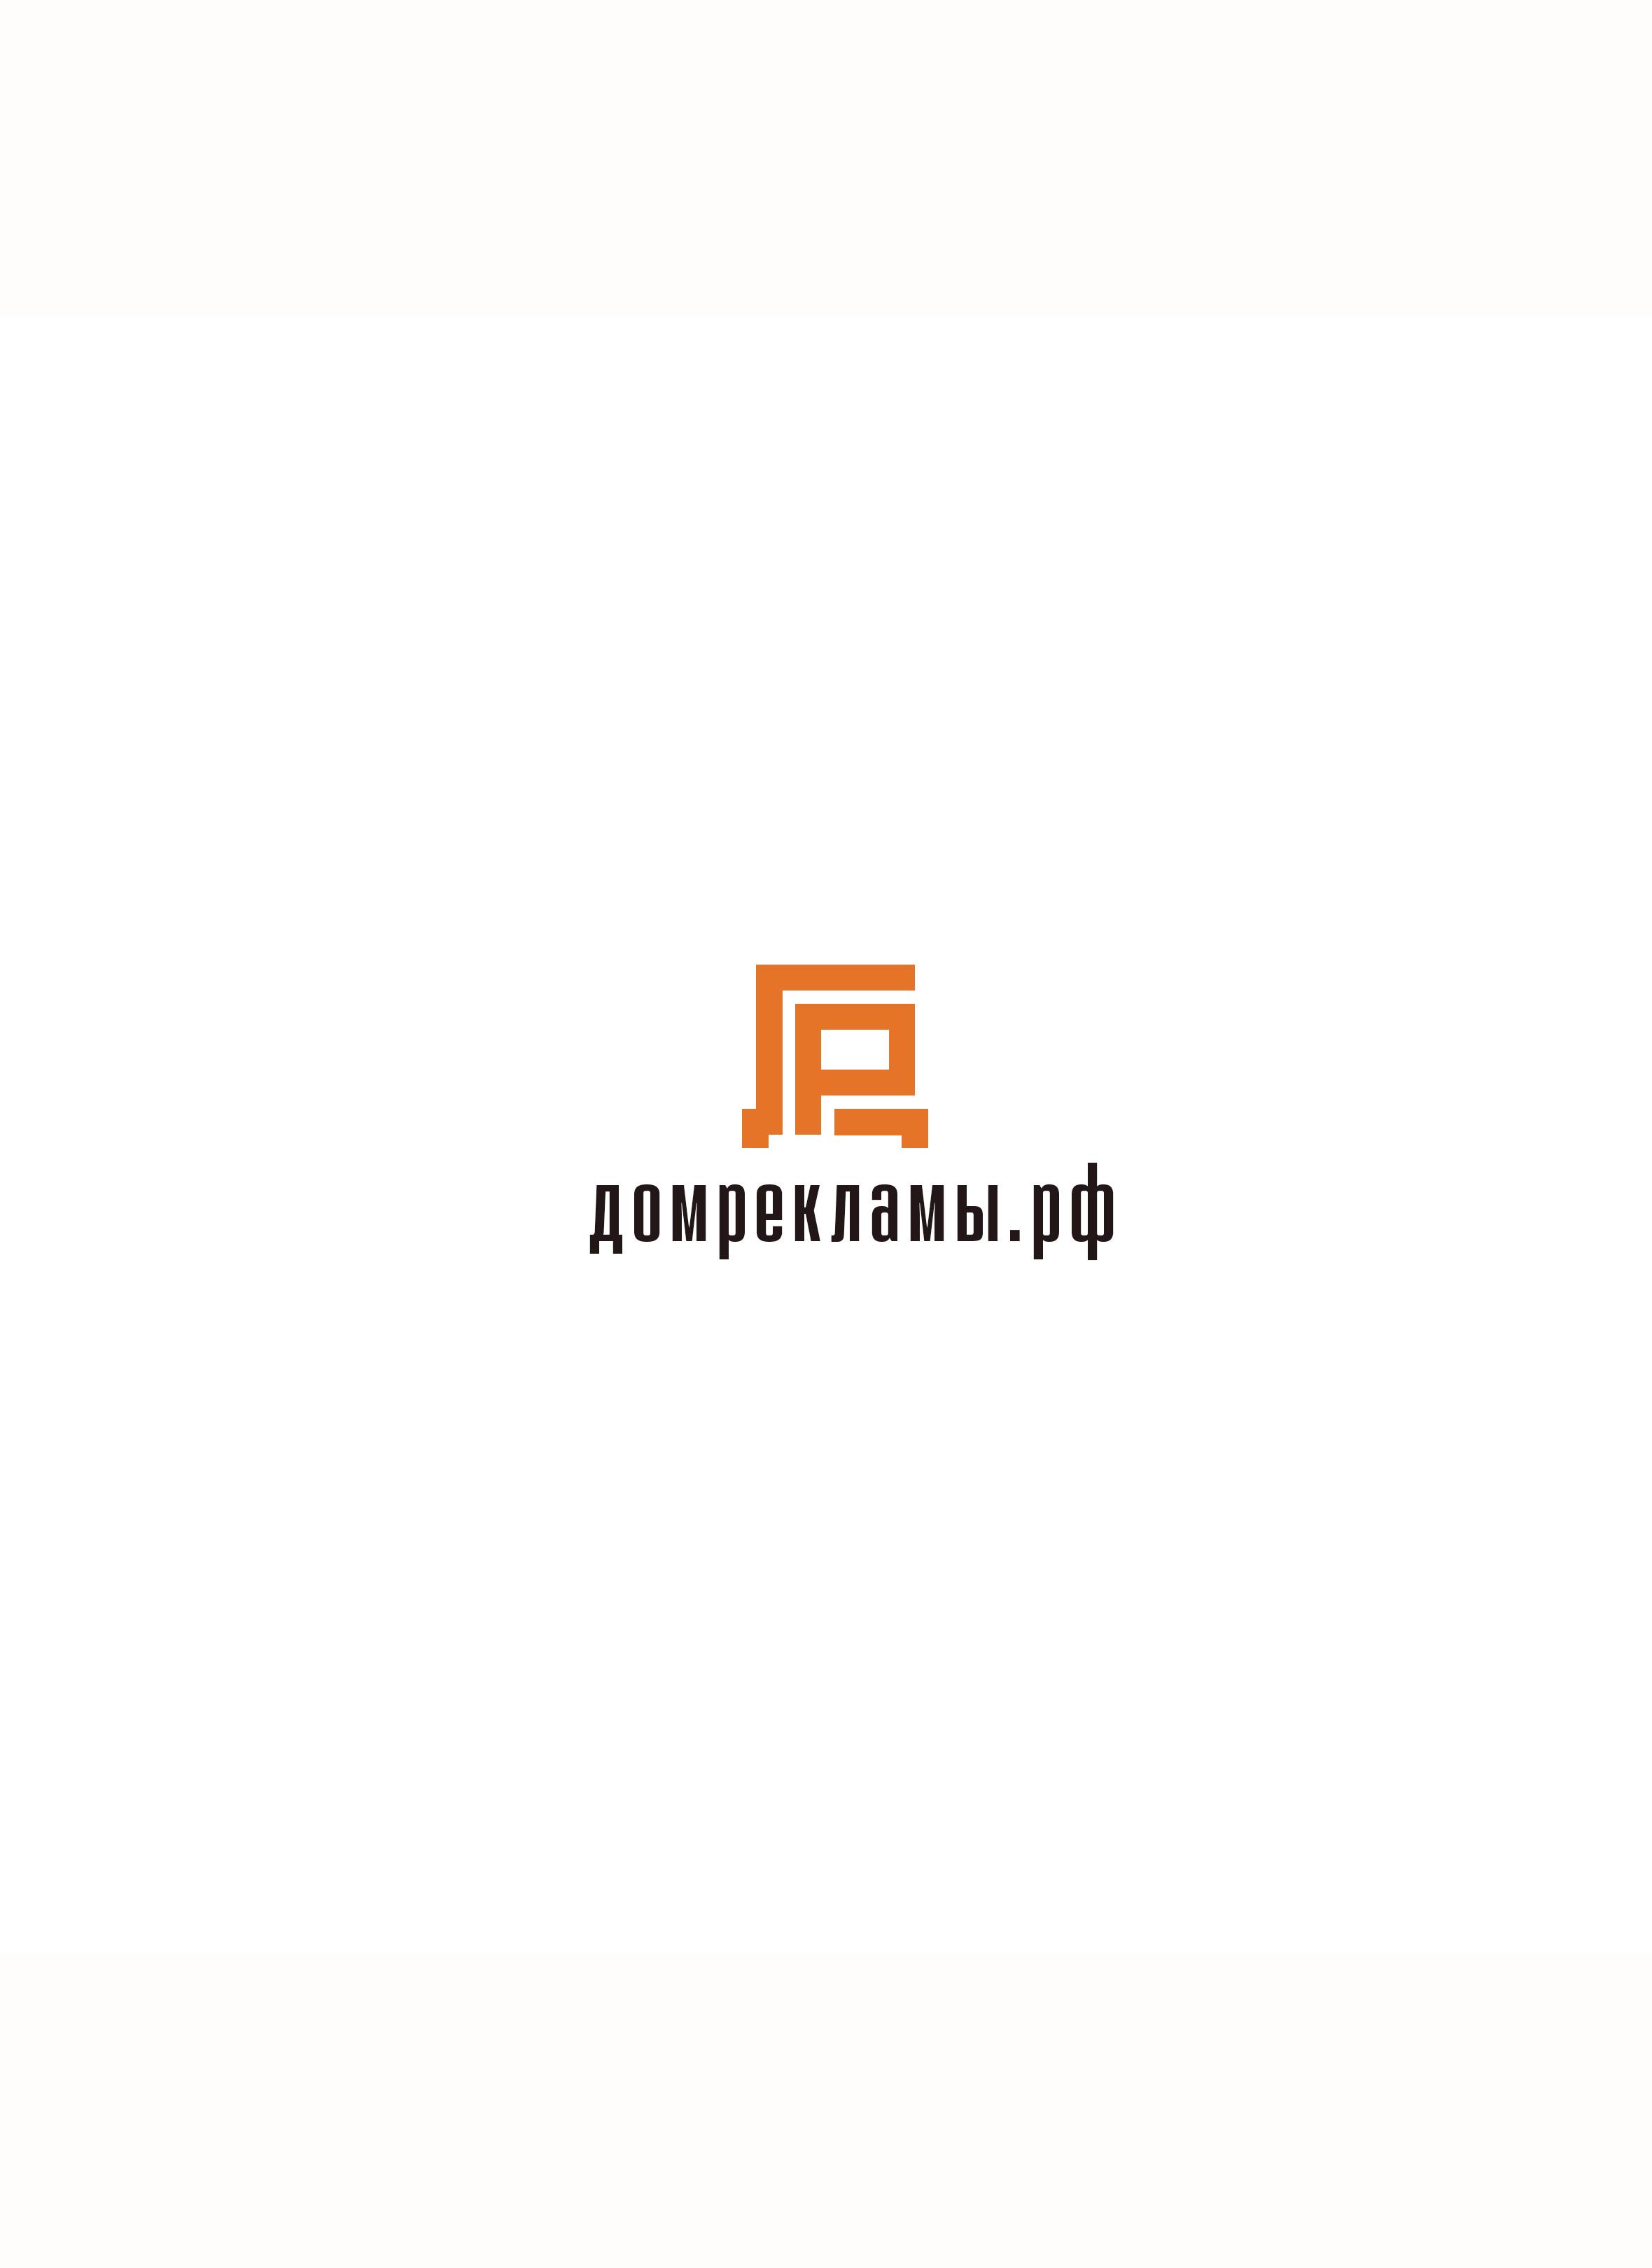 Дизайн логотипа рекламно-производственной компании фото f_4045ede91da259d0.jpg